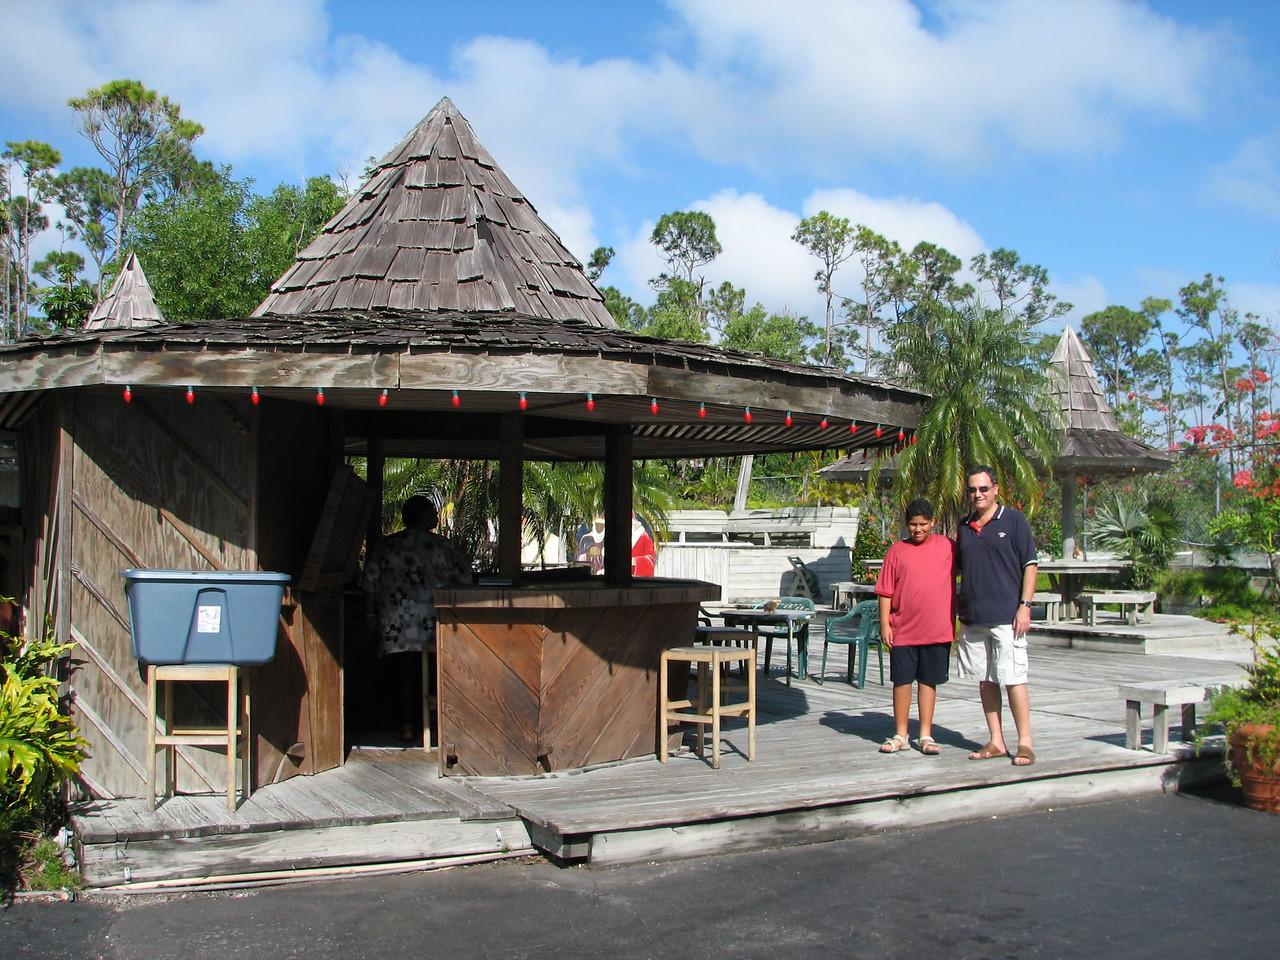 Arriving at Freeport, Grand Bahamas Island.  We stopped for a quick bite of the local delicacies:  Conch prepared in various forms.  <br /> <br /> Arrivando a Freeport en la isla Grand Bahamas.  Paramos a comer algo.  Probamos algo de las delicias locales:  Conch (caracol marino) preparado en varias formas.